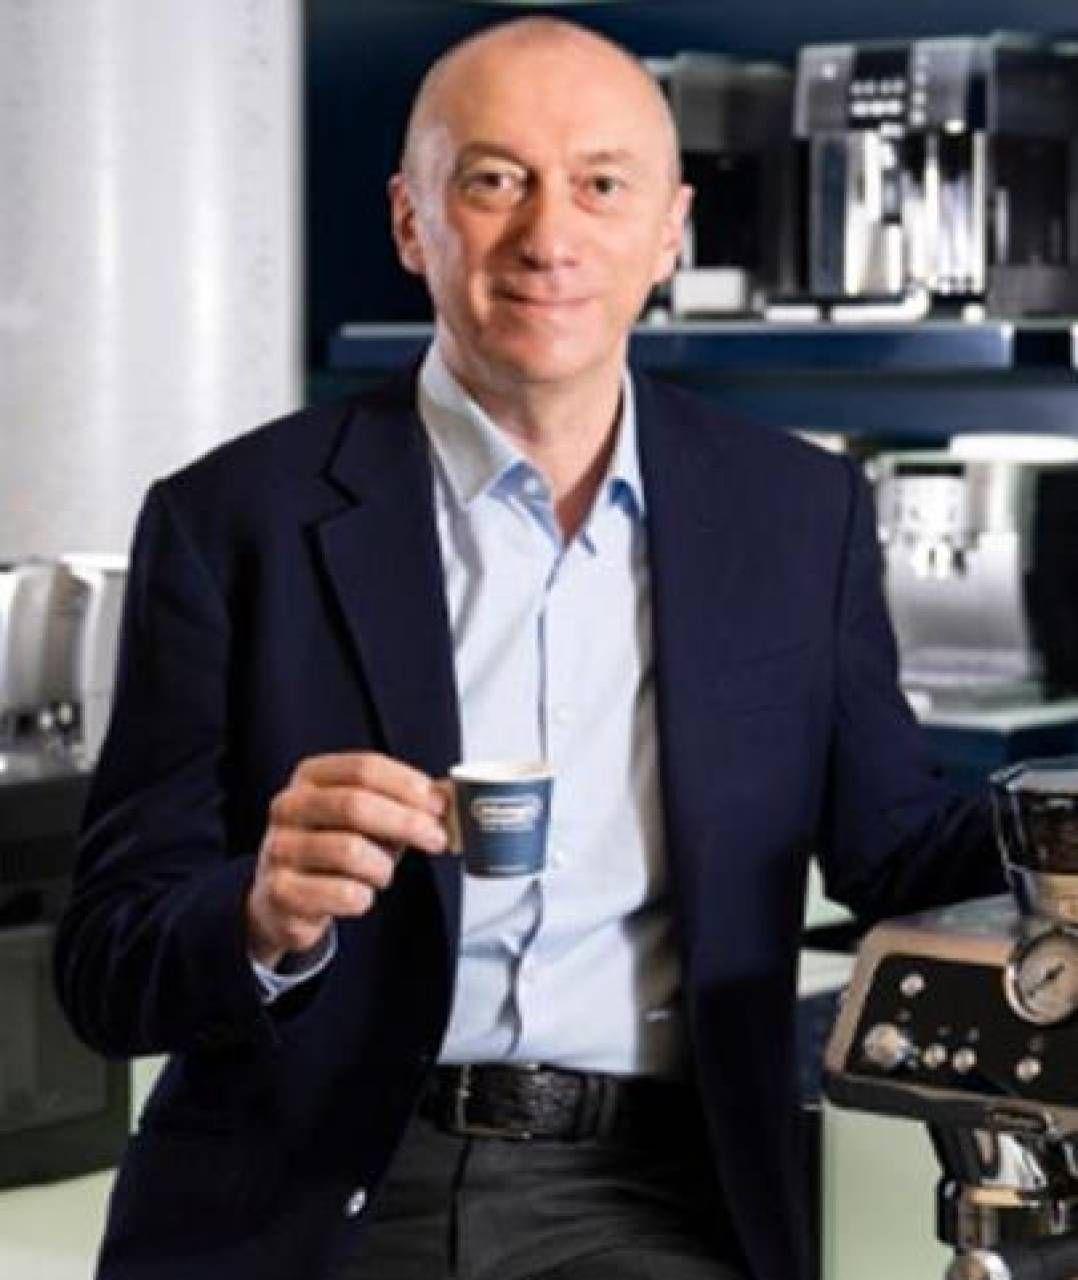 Massimo Garavaglia, 54 anni, amministratore delegato e direttore generale della società De' Longhi